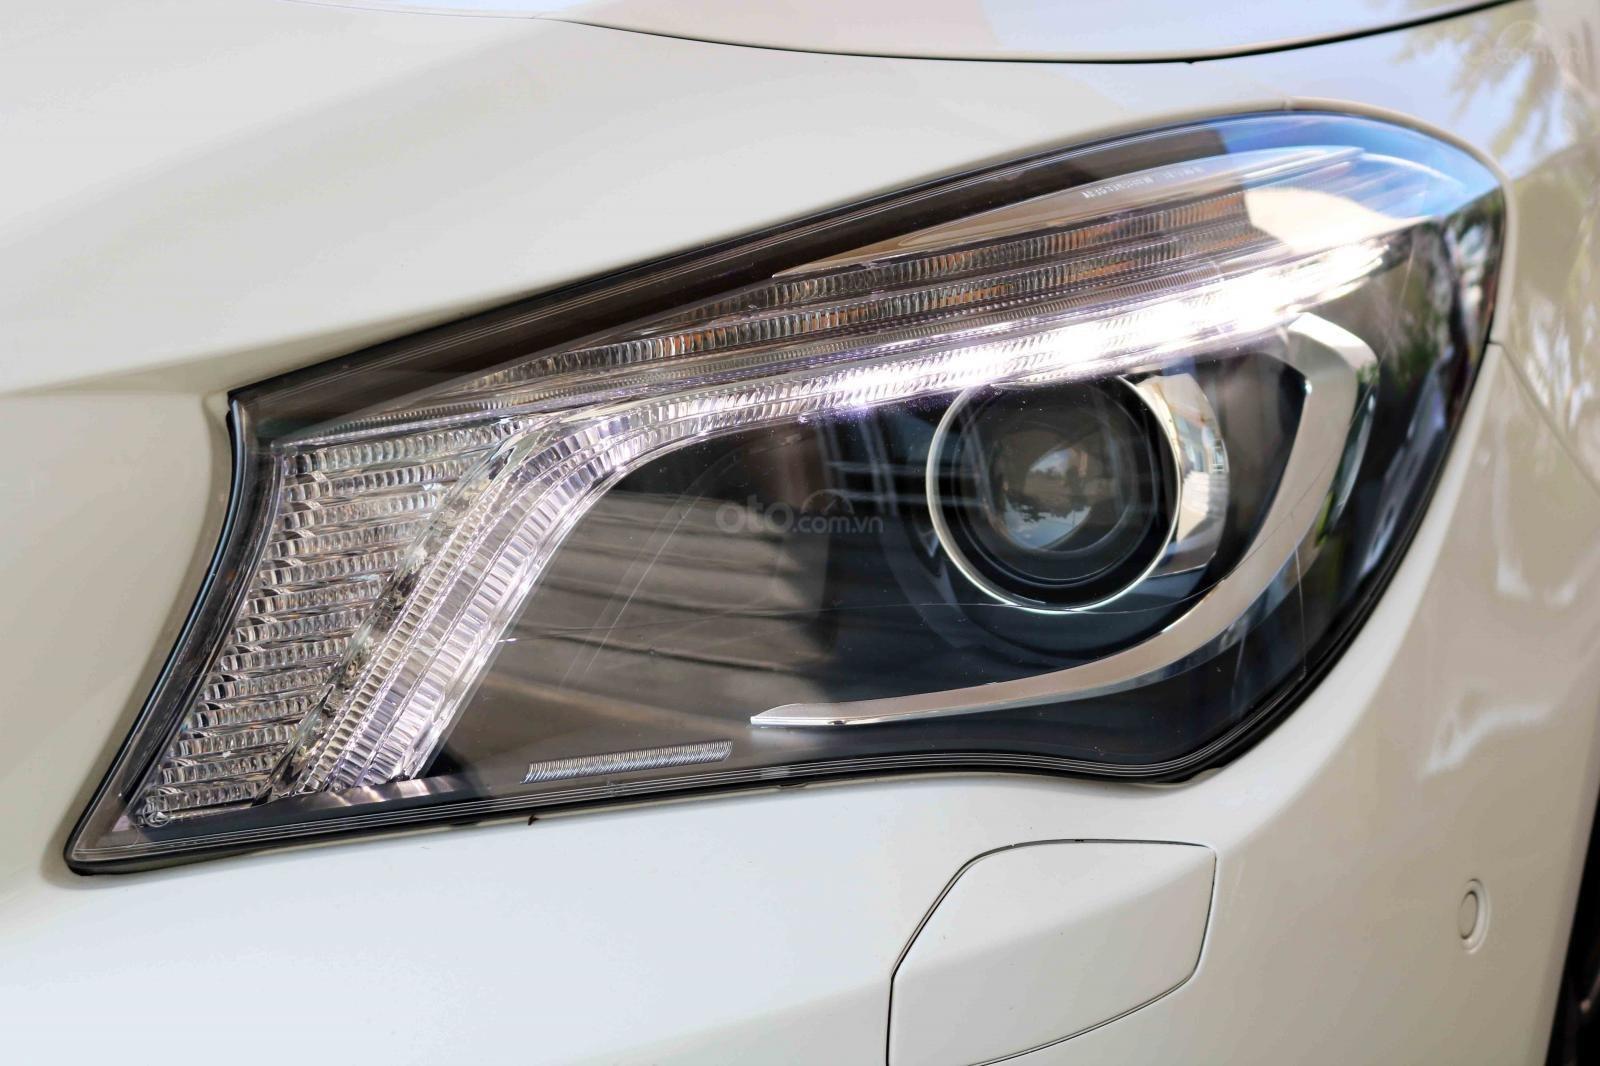 Bán xe Mercedes CLA200 sản xuất 2016, đã đi 31000km, còn rất mới-3